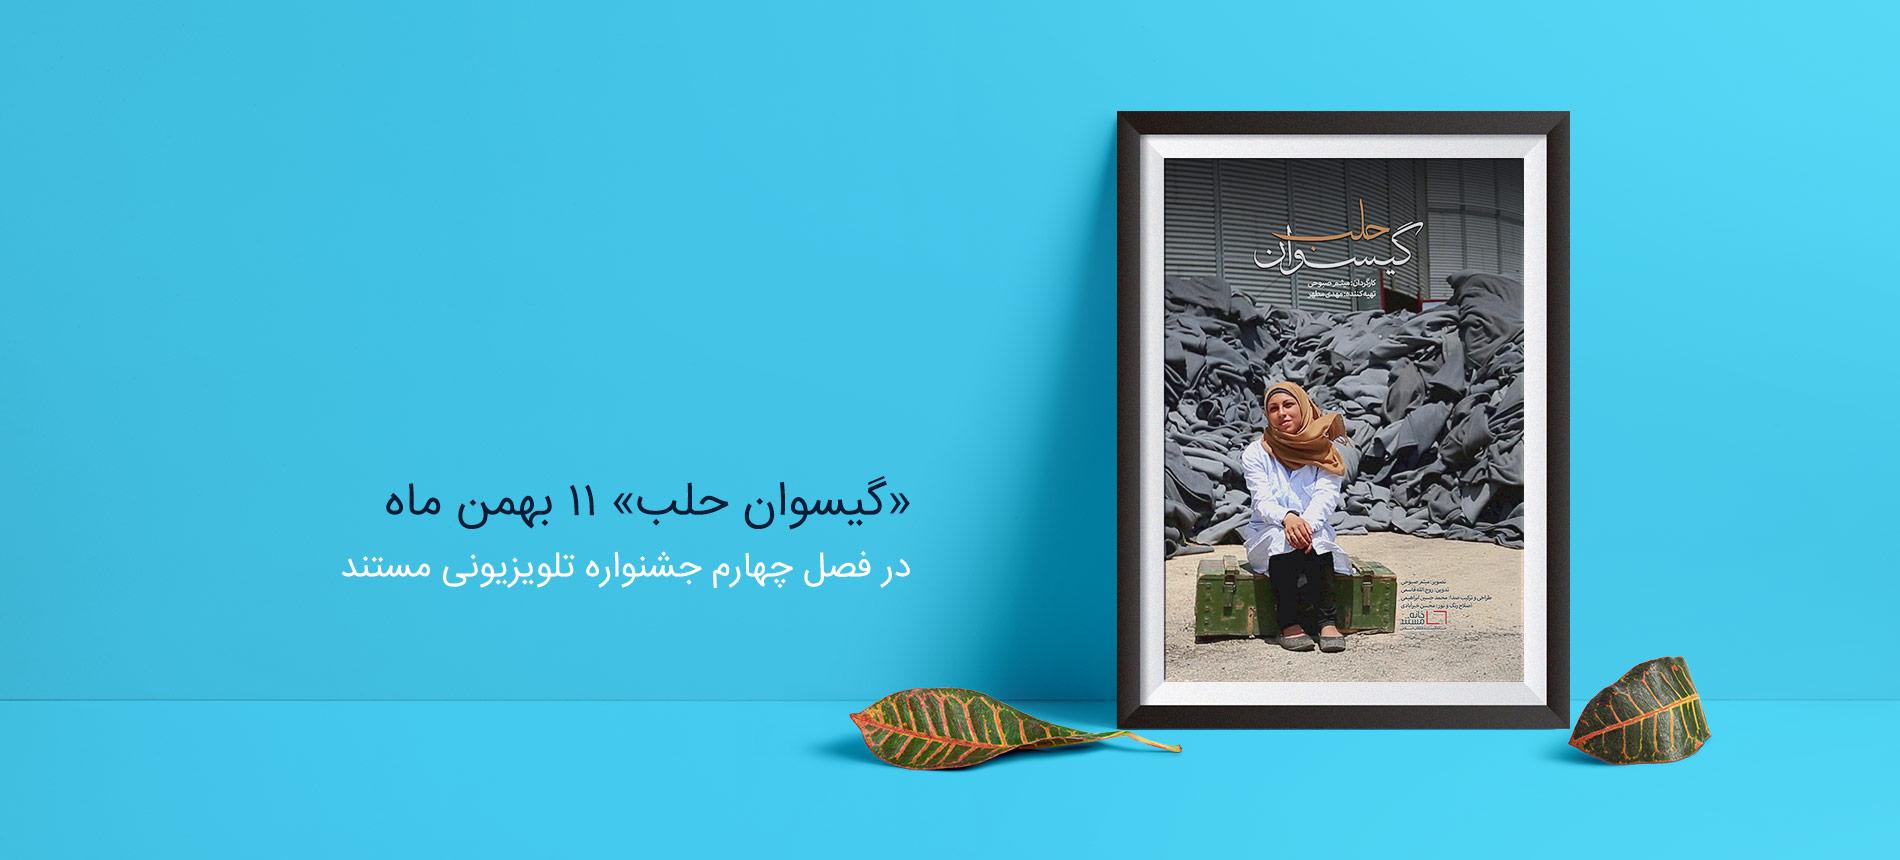 مرثیه ای برای زنان حلب در مستند «گیسوان حلب»